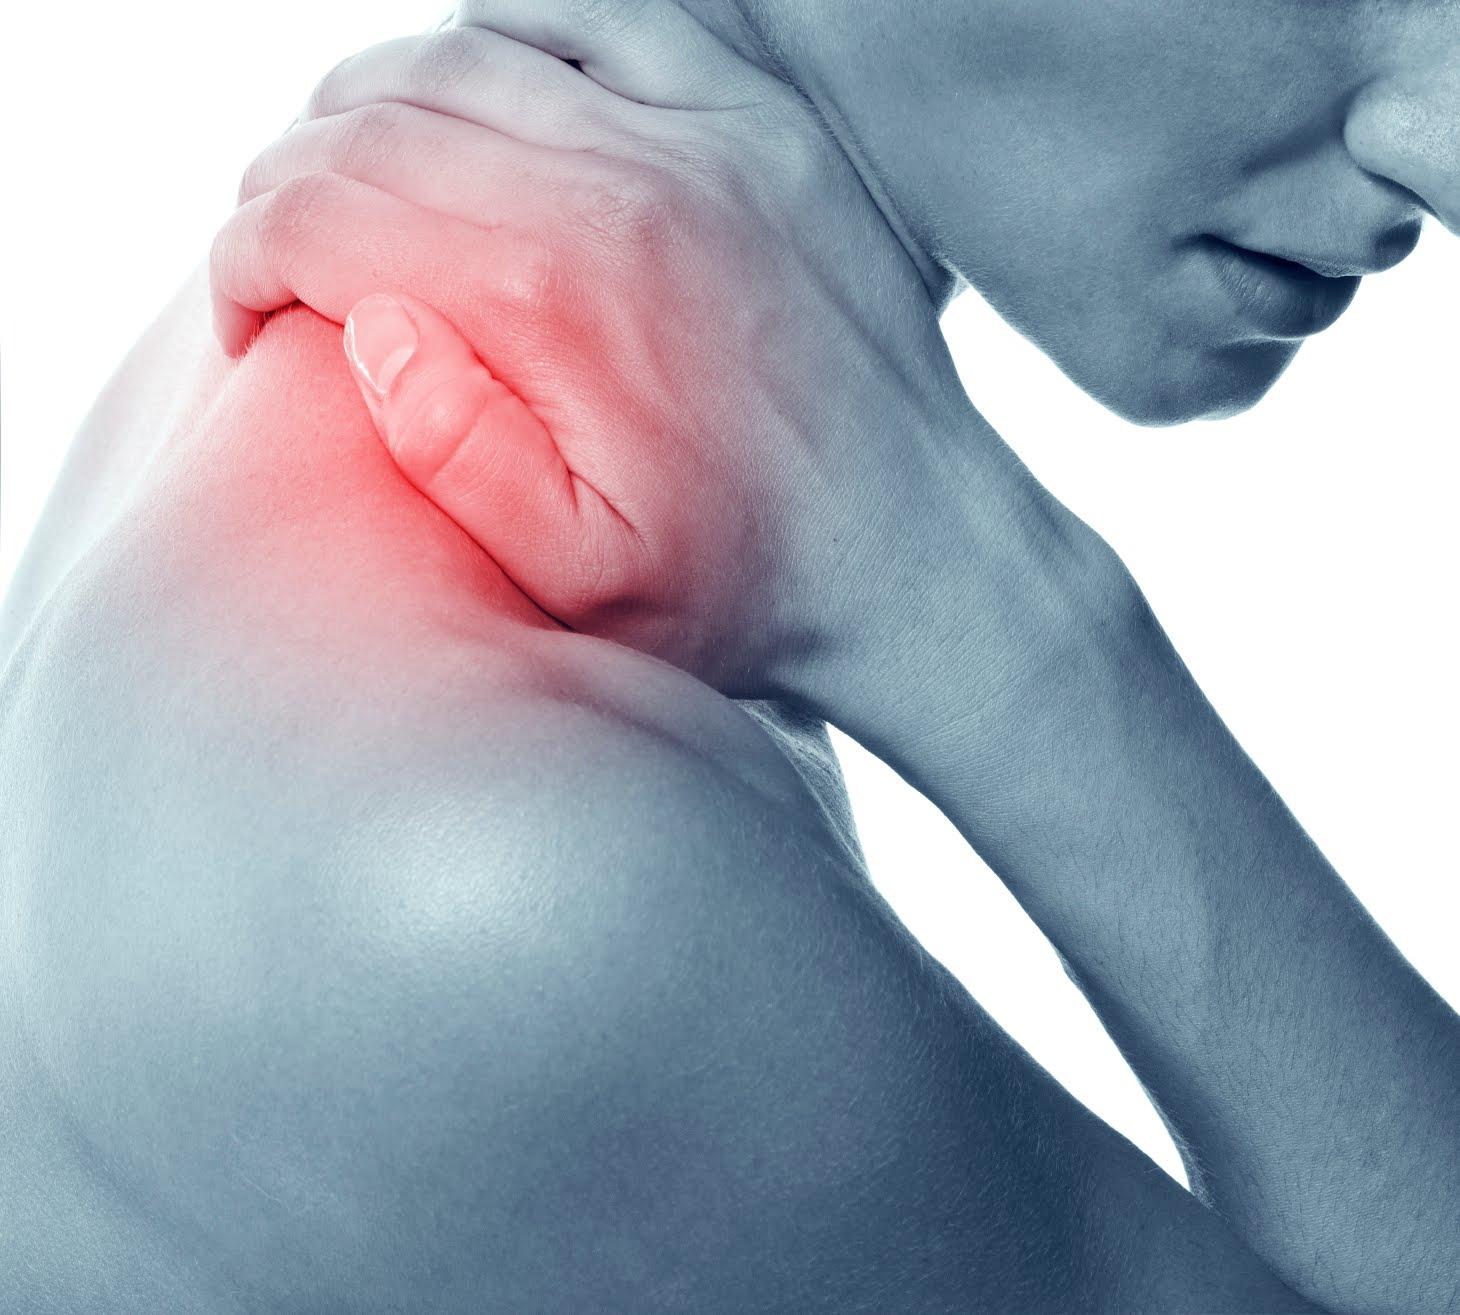 Артралгия: что это такое? симптомы и лечение